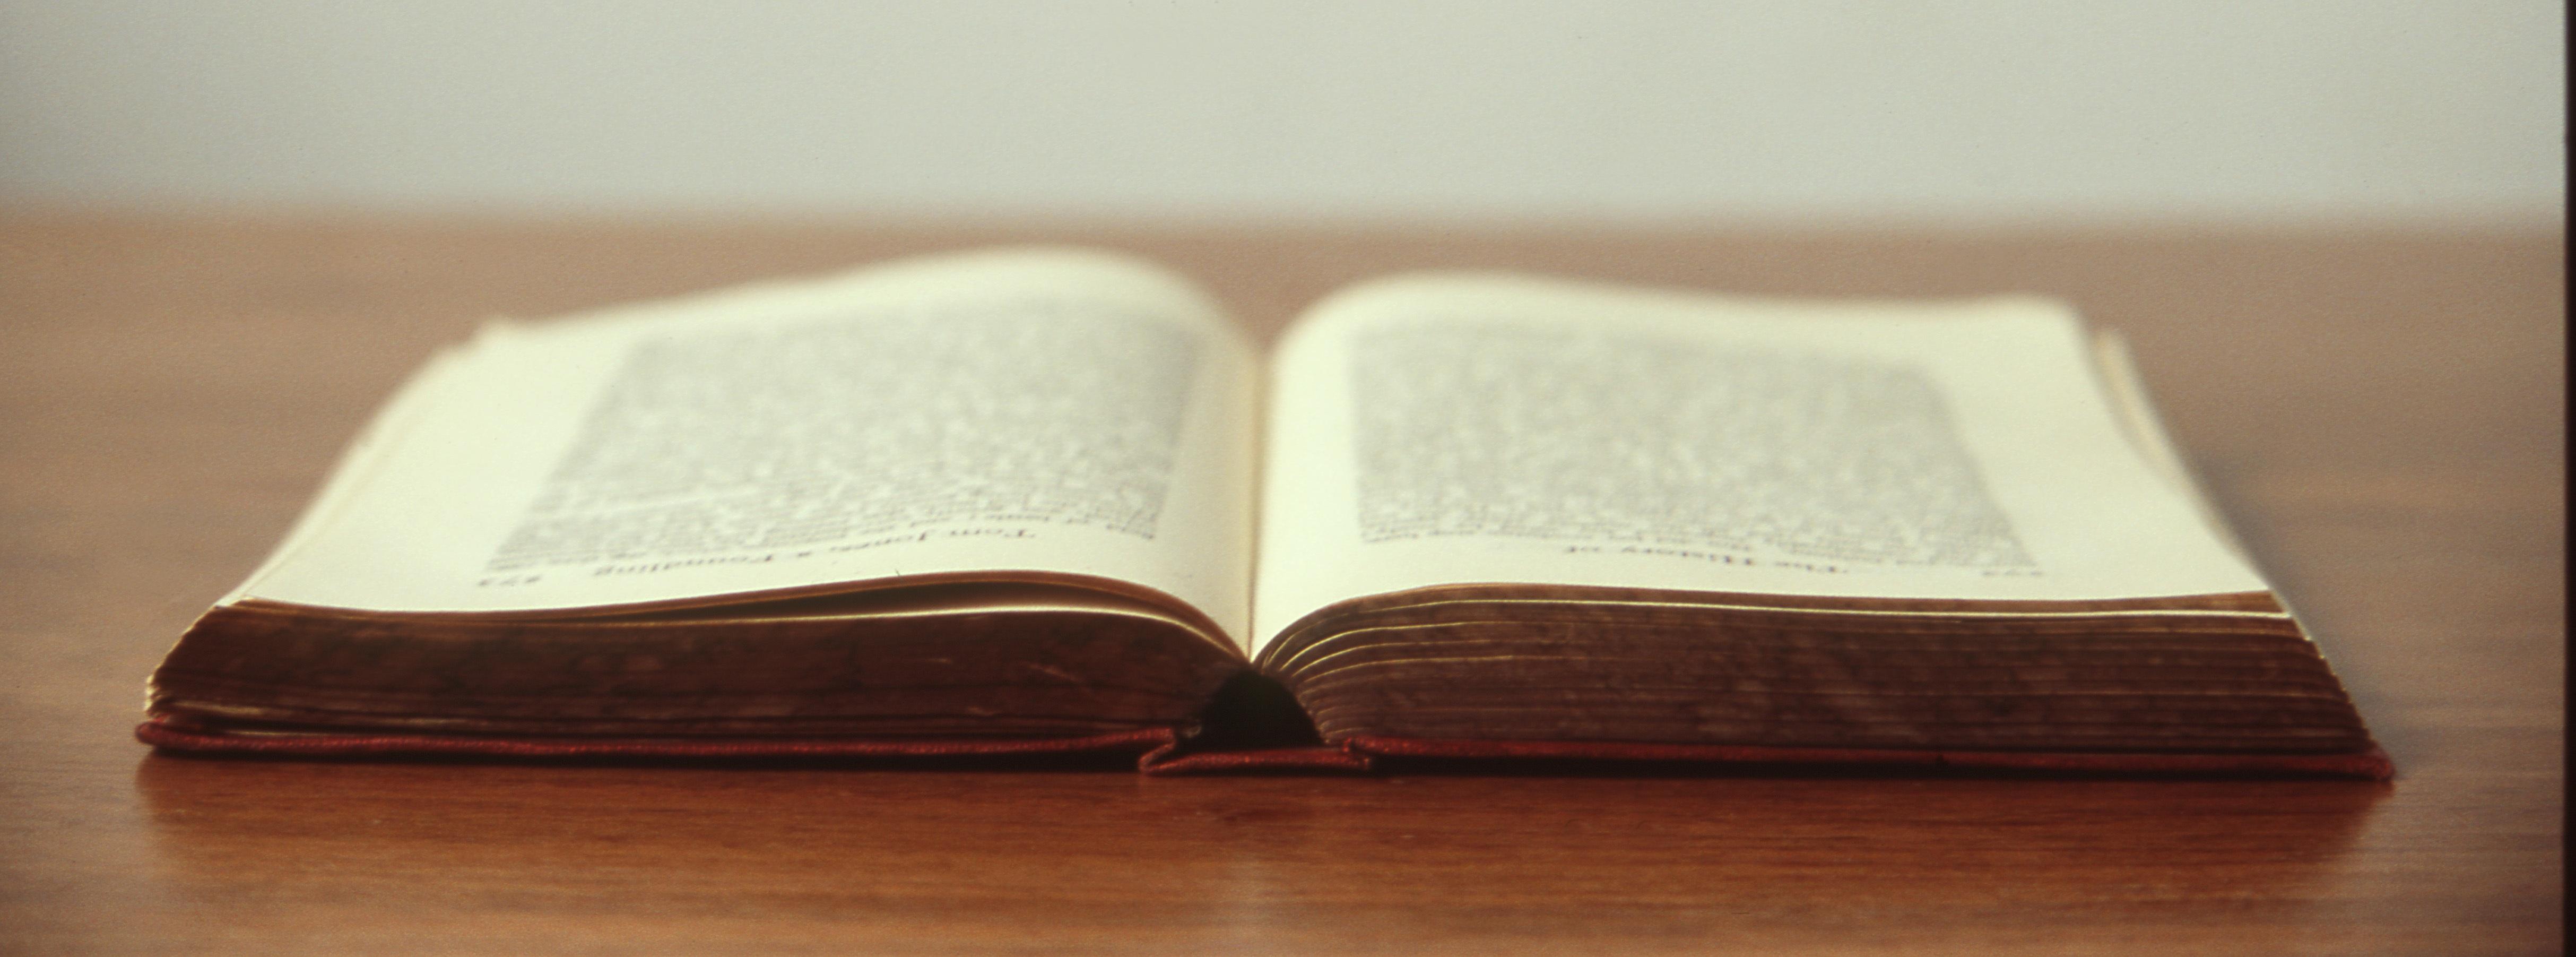 本を繰り返し読むことで得られるメリット